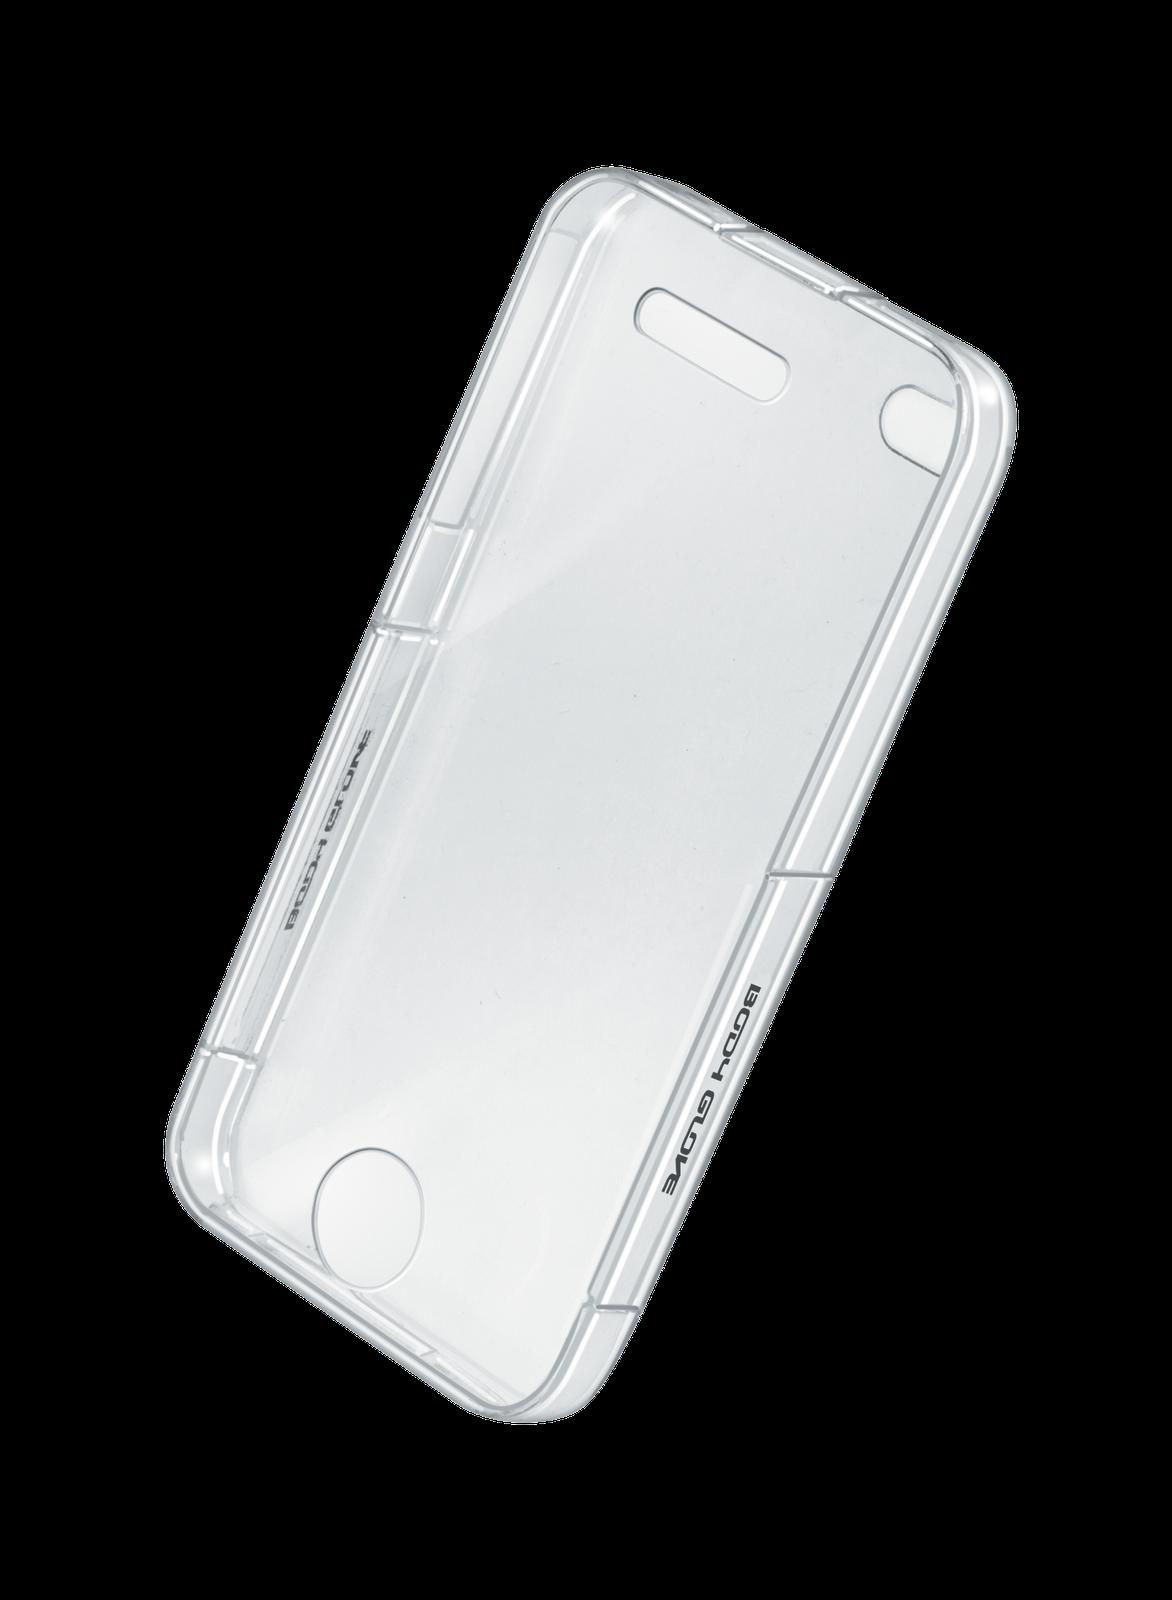 Body Glove Mobile Accessories: Body Glove Zero 360 Case